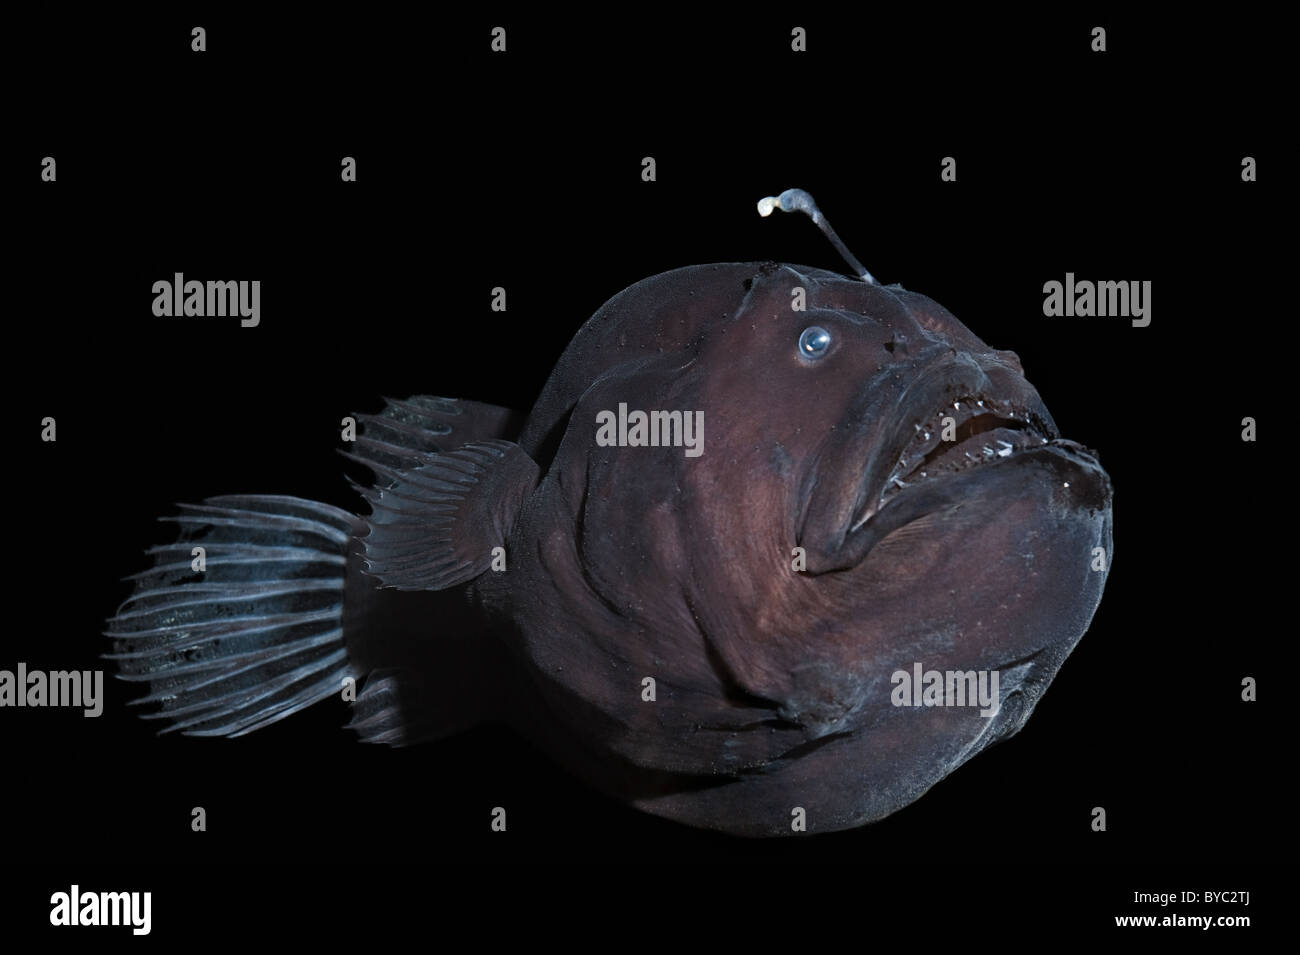 deep sea anglerfish or black seadevil, Diceratias pileatus, Hawaii - Stock Image